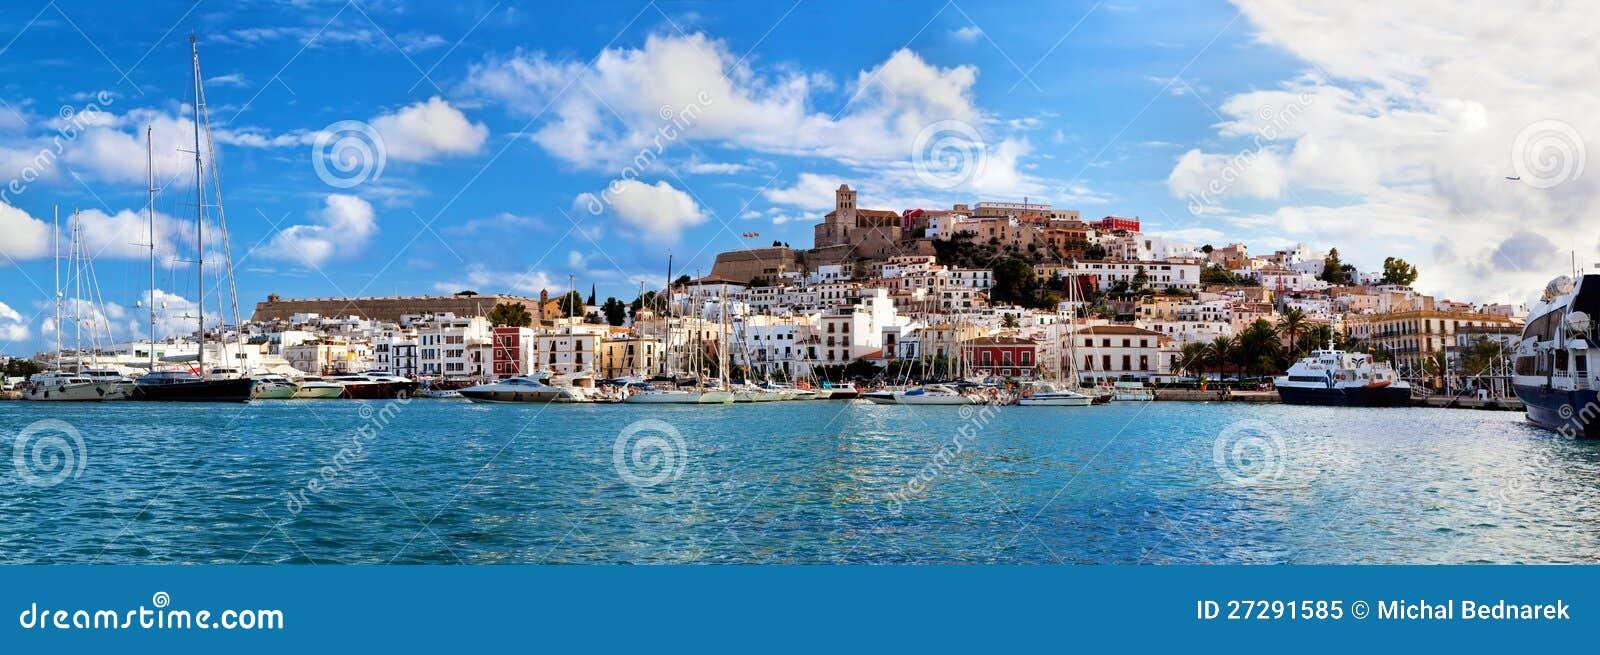 Panorama von Ibiza, Spanien